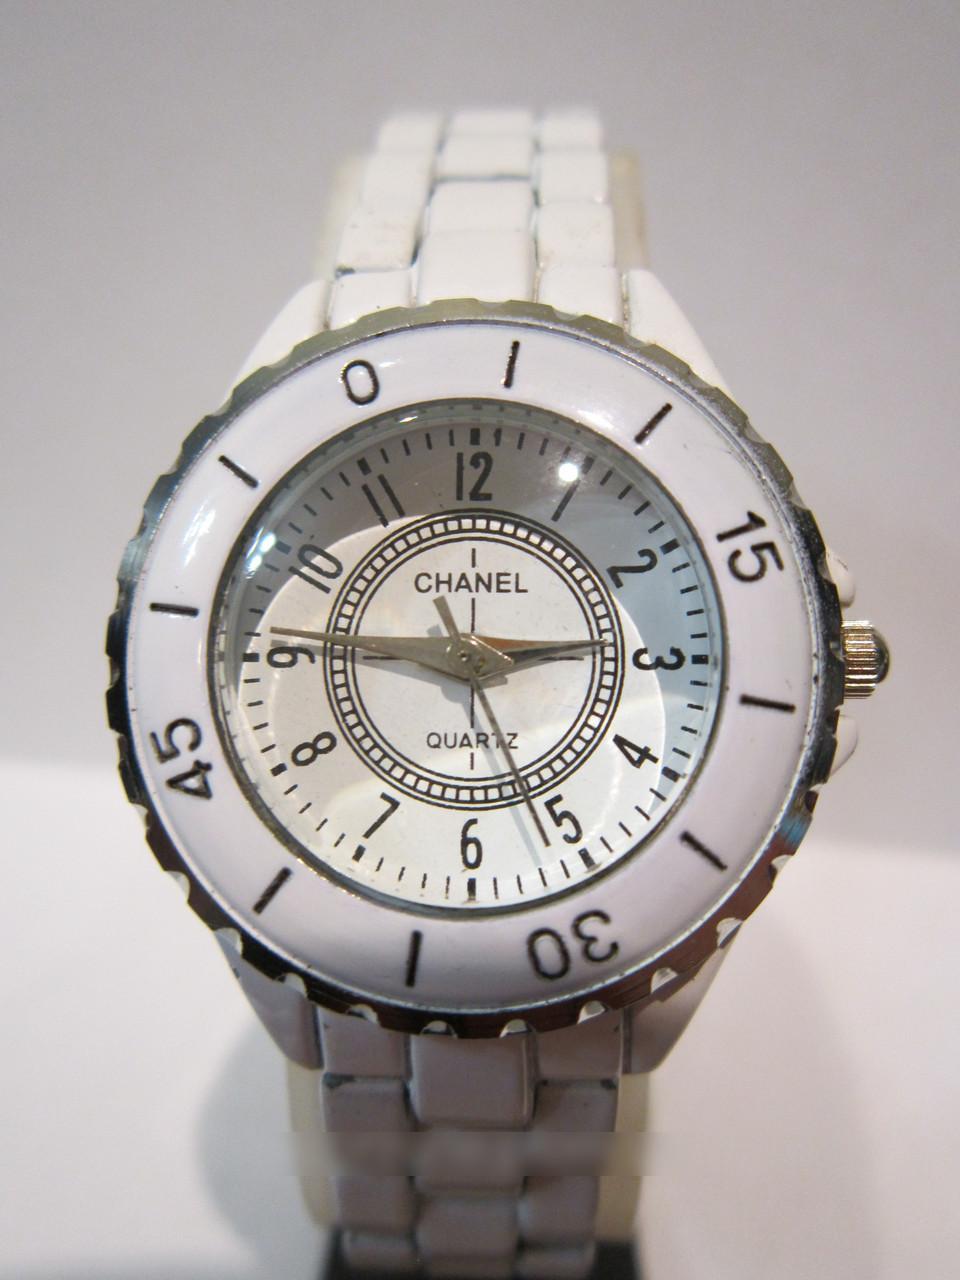 Женские наручные часы CHANEL, часы женские каталог - Svitparfum.com - мир Вашего стиля в Киеве